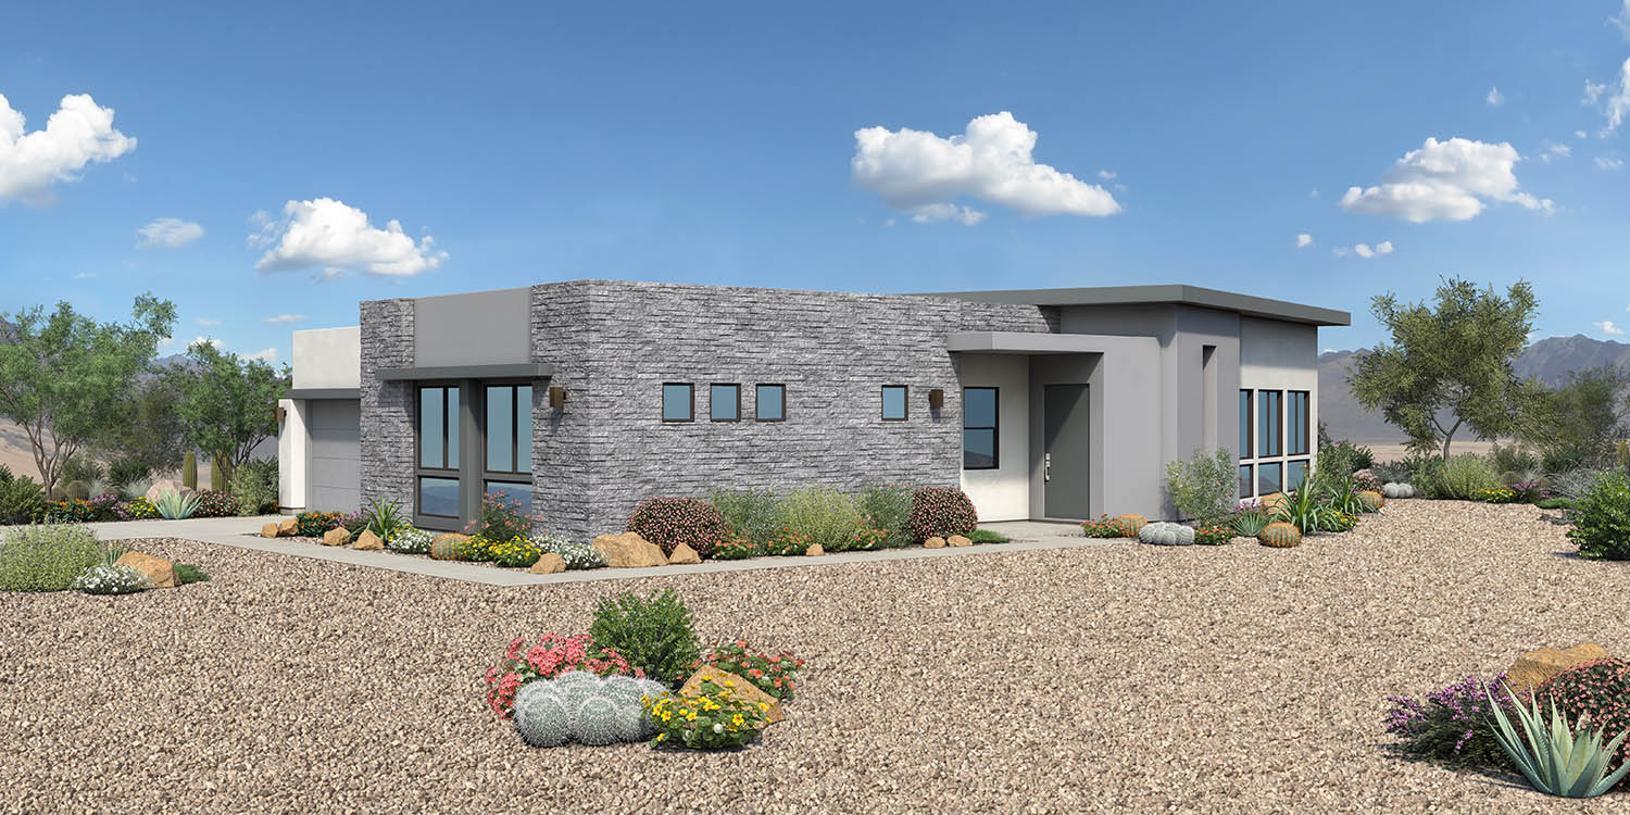 Fiore International home design